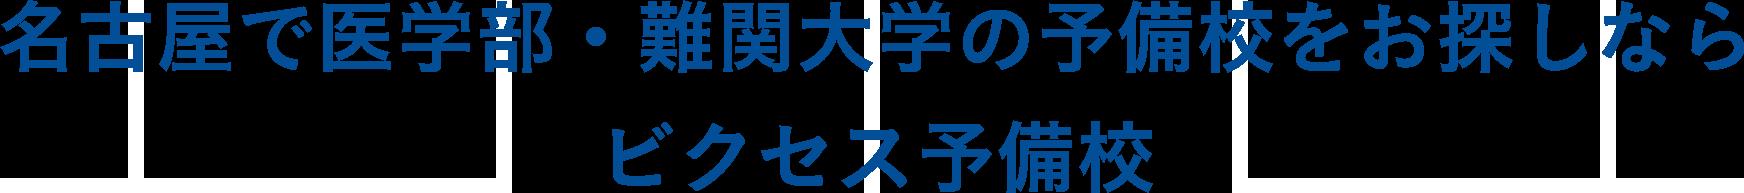 名古屋で医学部・難関大学の予備校をお探しなら ビクセス予備校